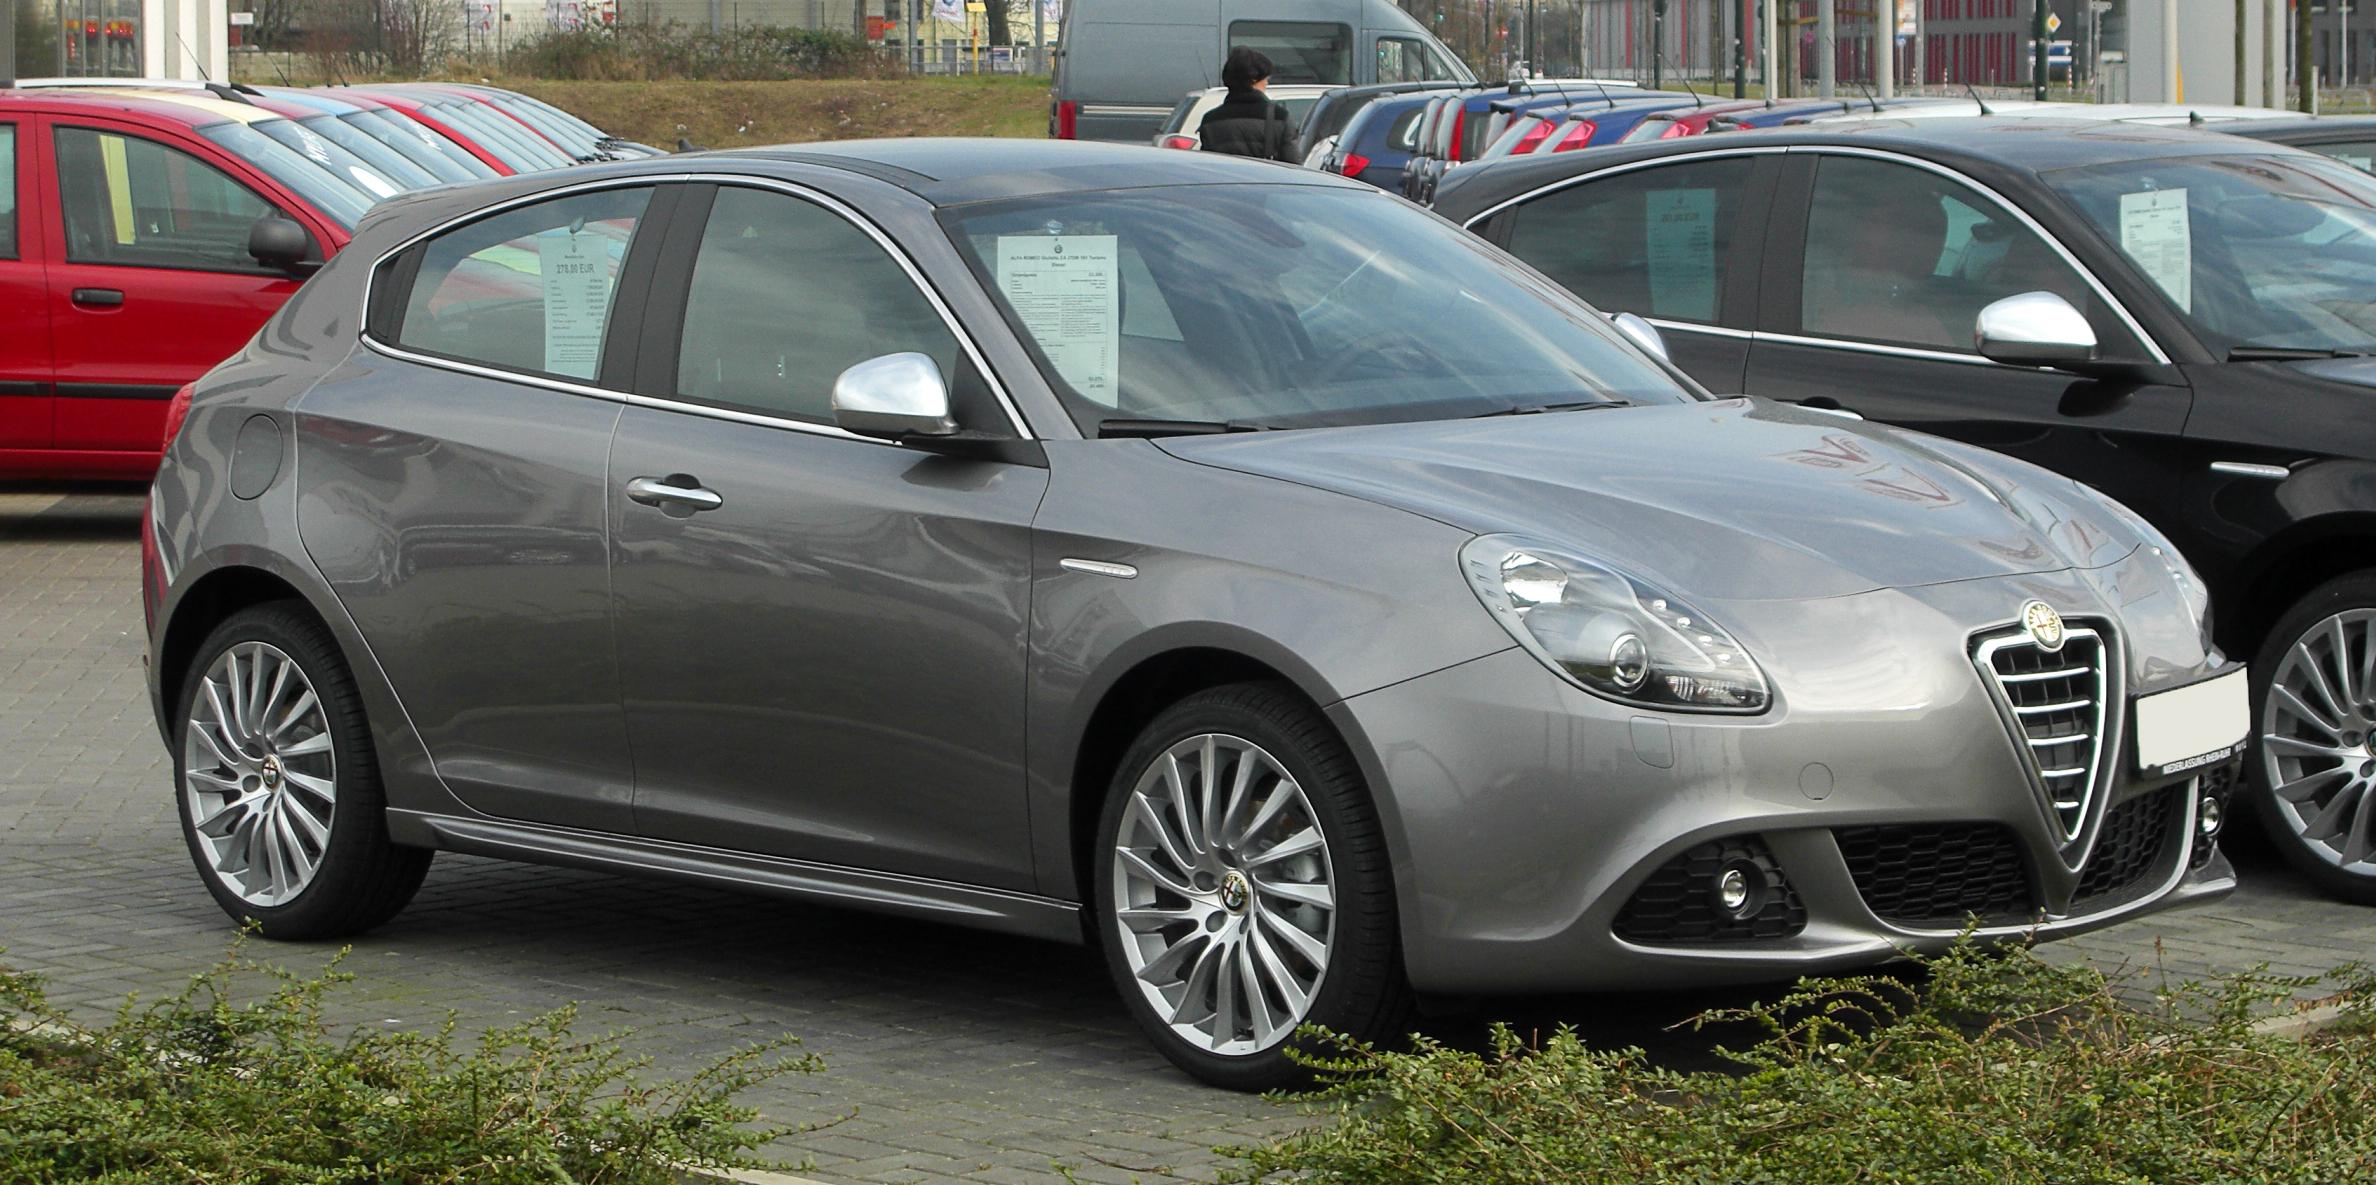 Giulietta 1.6 jtdm-2 pregi e difetti | Club ... - Alfa Romeo